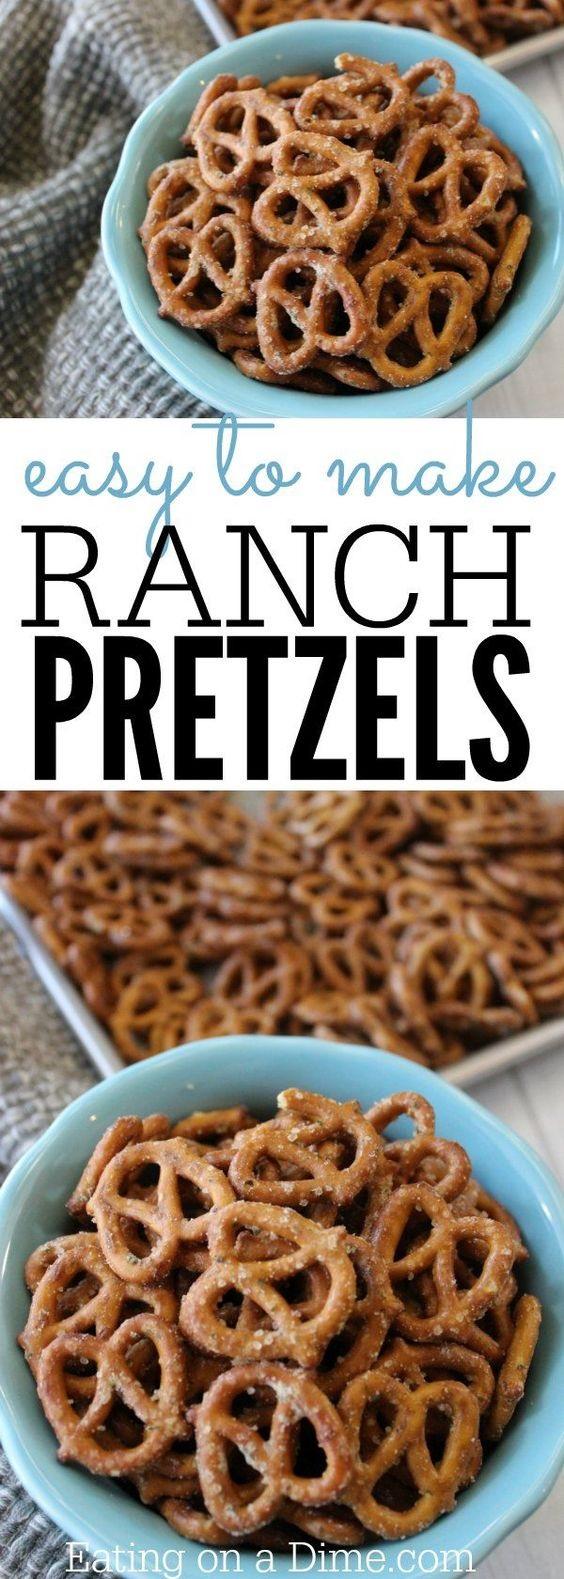 Garlic Ranch Pretzels Recipe - Easy Seasoned Pretzels